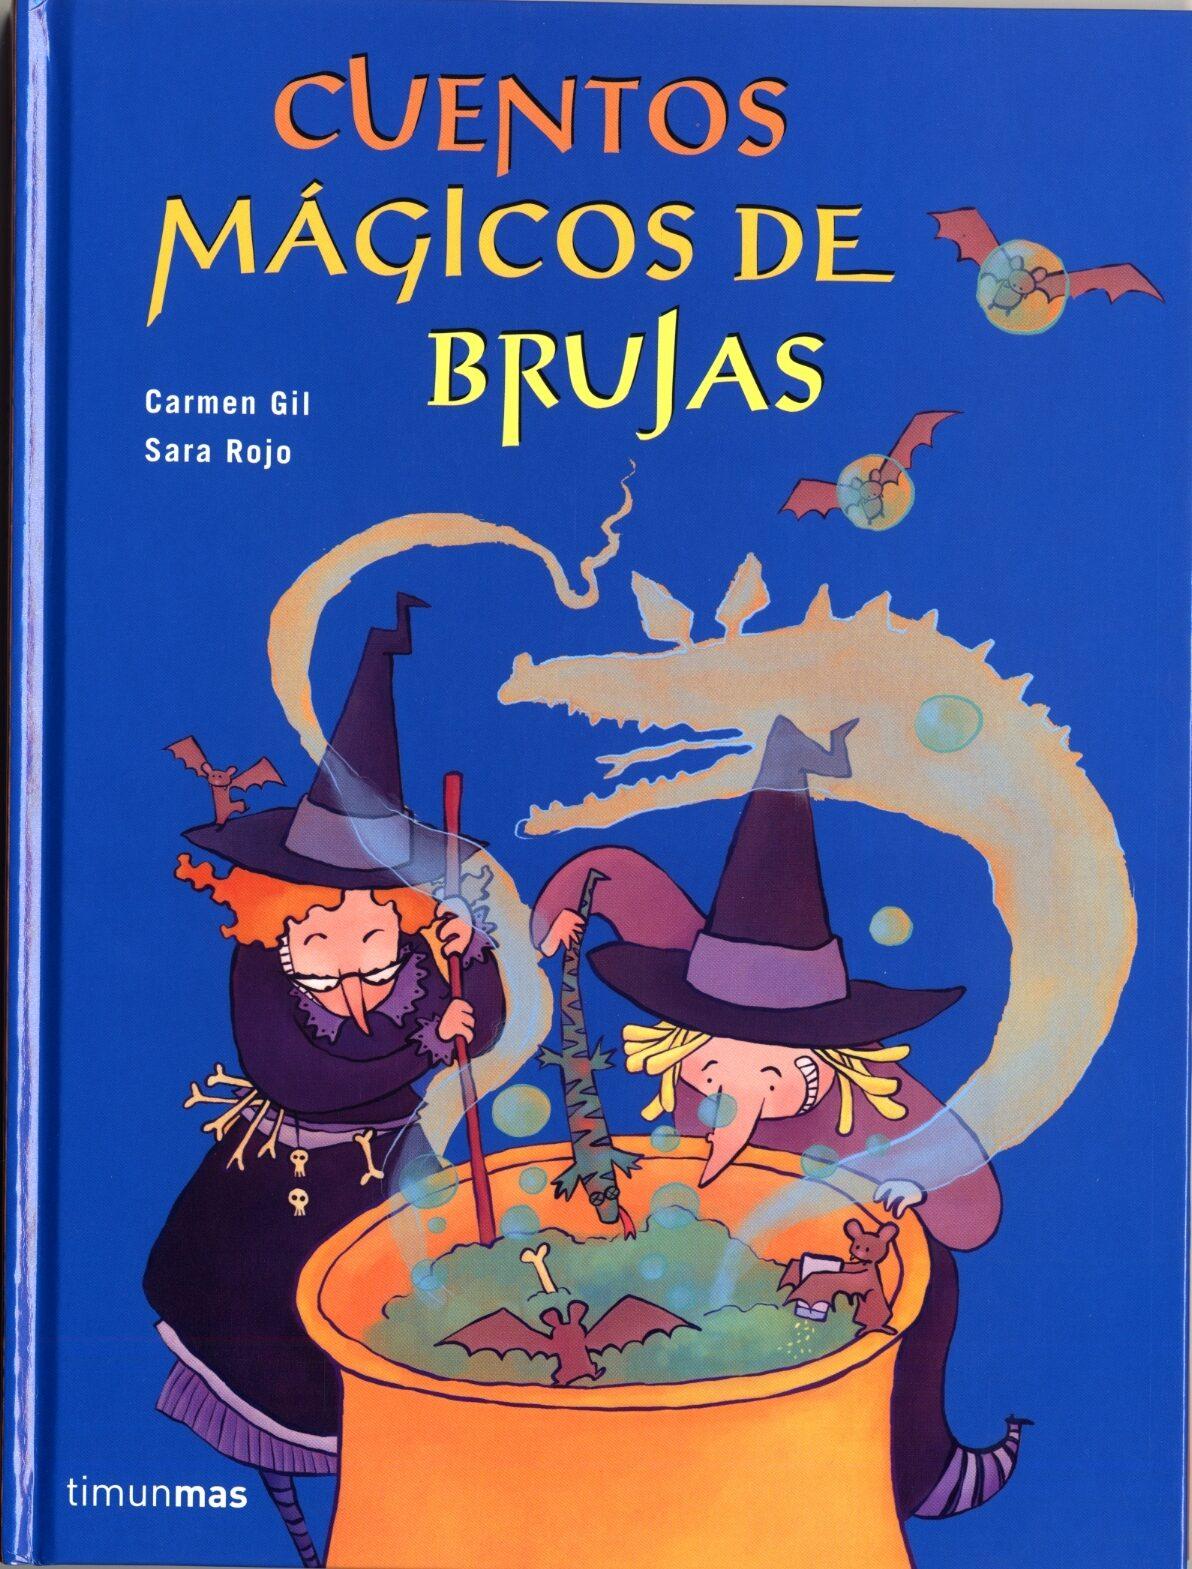 CUENTOS MAGICOS DE BRUJAS | CARMEN GIL | Comprar libro